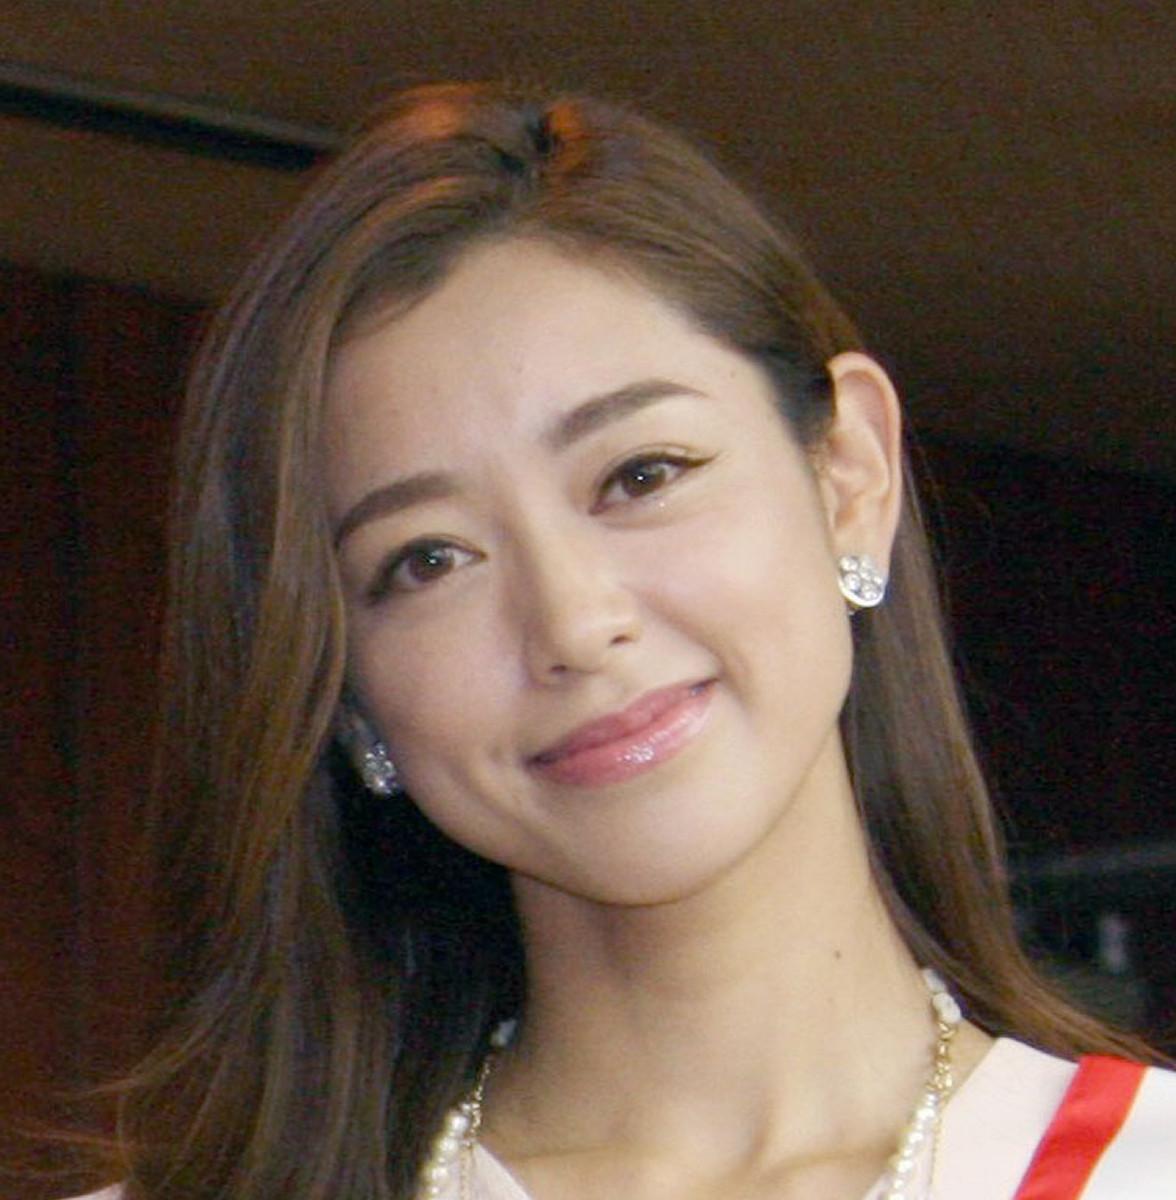 松本莉緒、37歳誕生日に結婚「1つ歳を重ねたと共に入籍する事となり ...